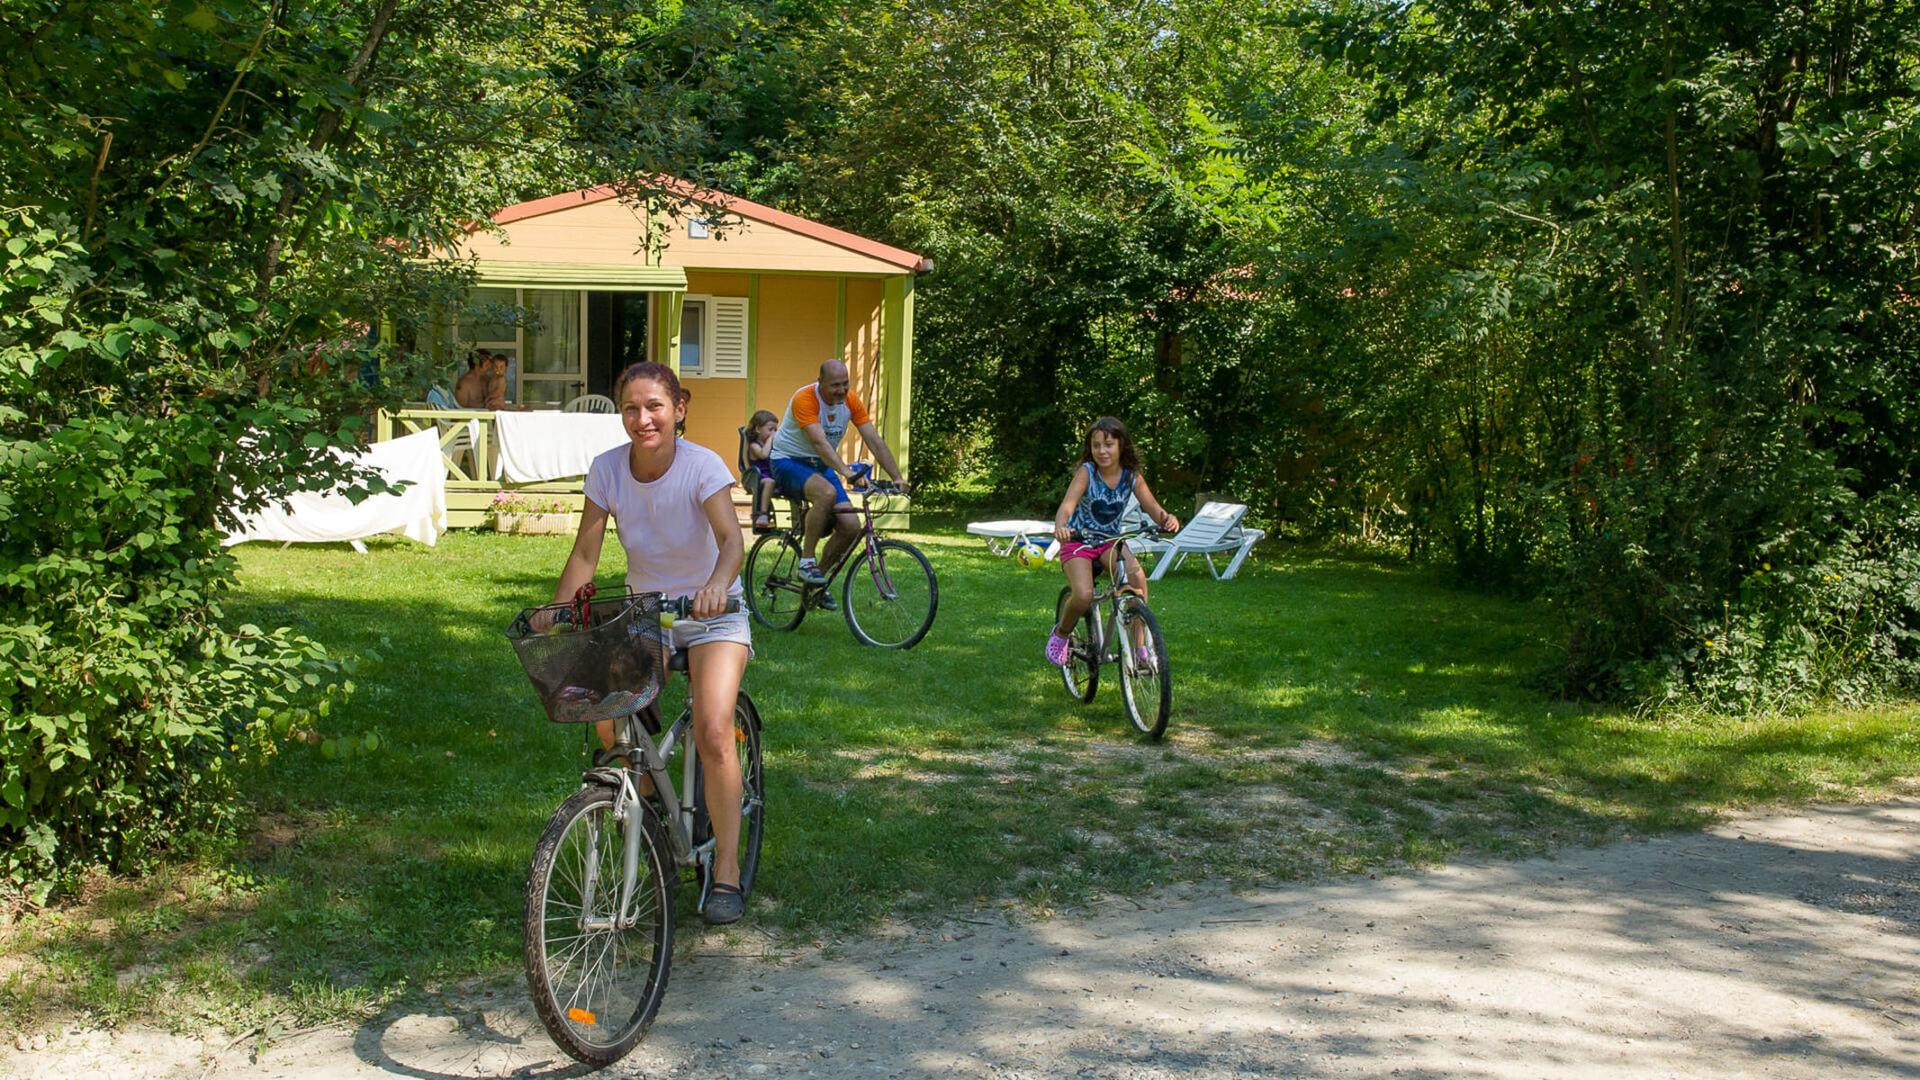 Familien-FKK-Campingplatz